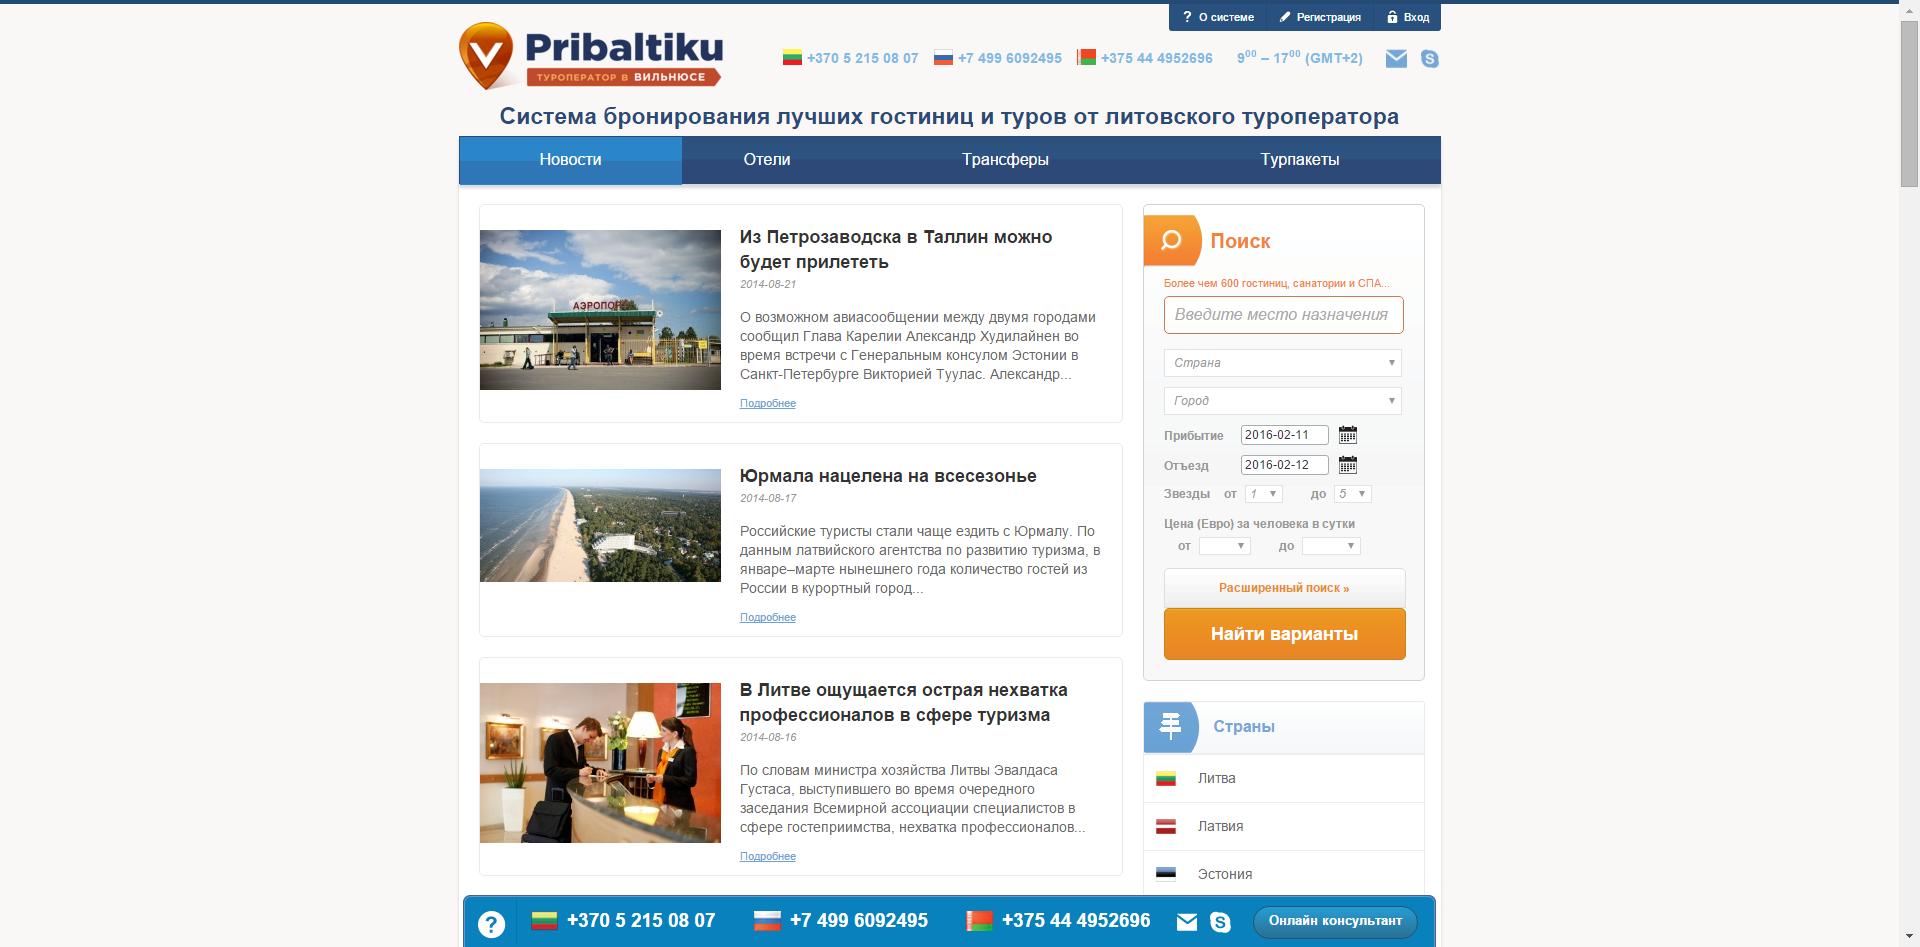 VPribaltiku.ru